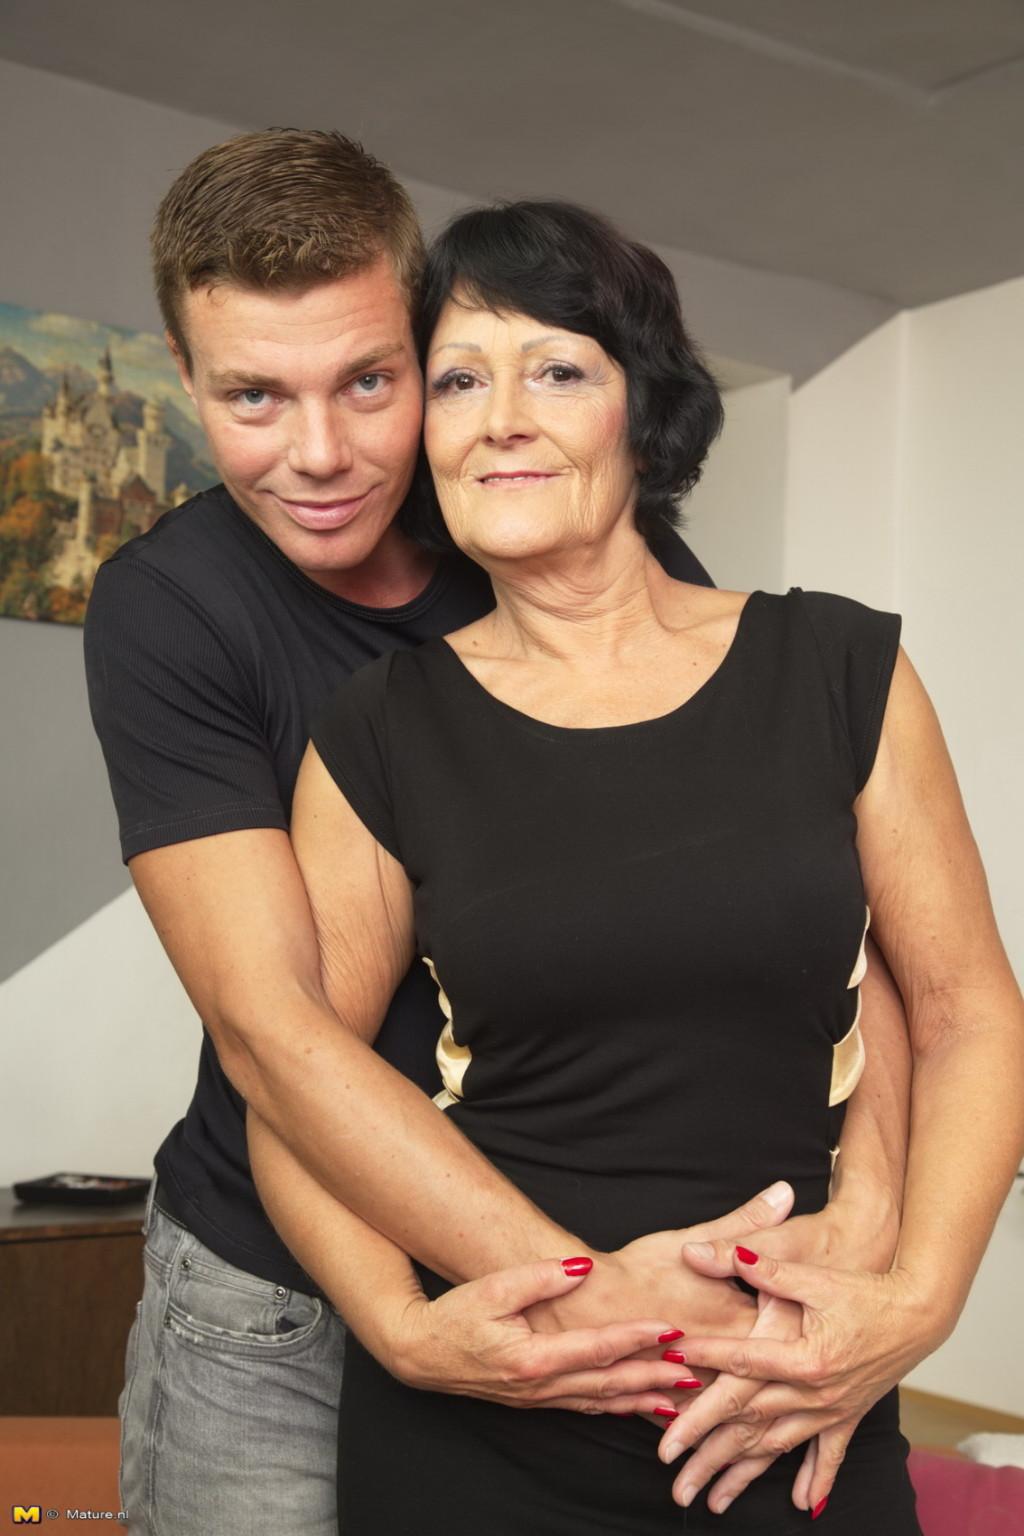 Молодой красавчик доставляет удовольствие зрелой женщине, даря ласке ее немолодой груди